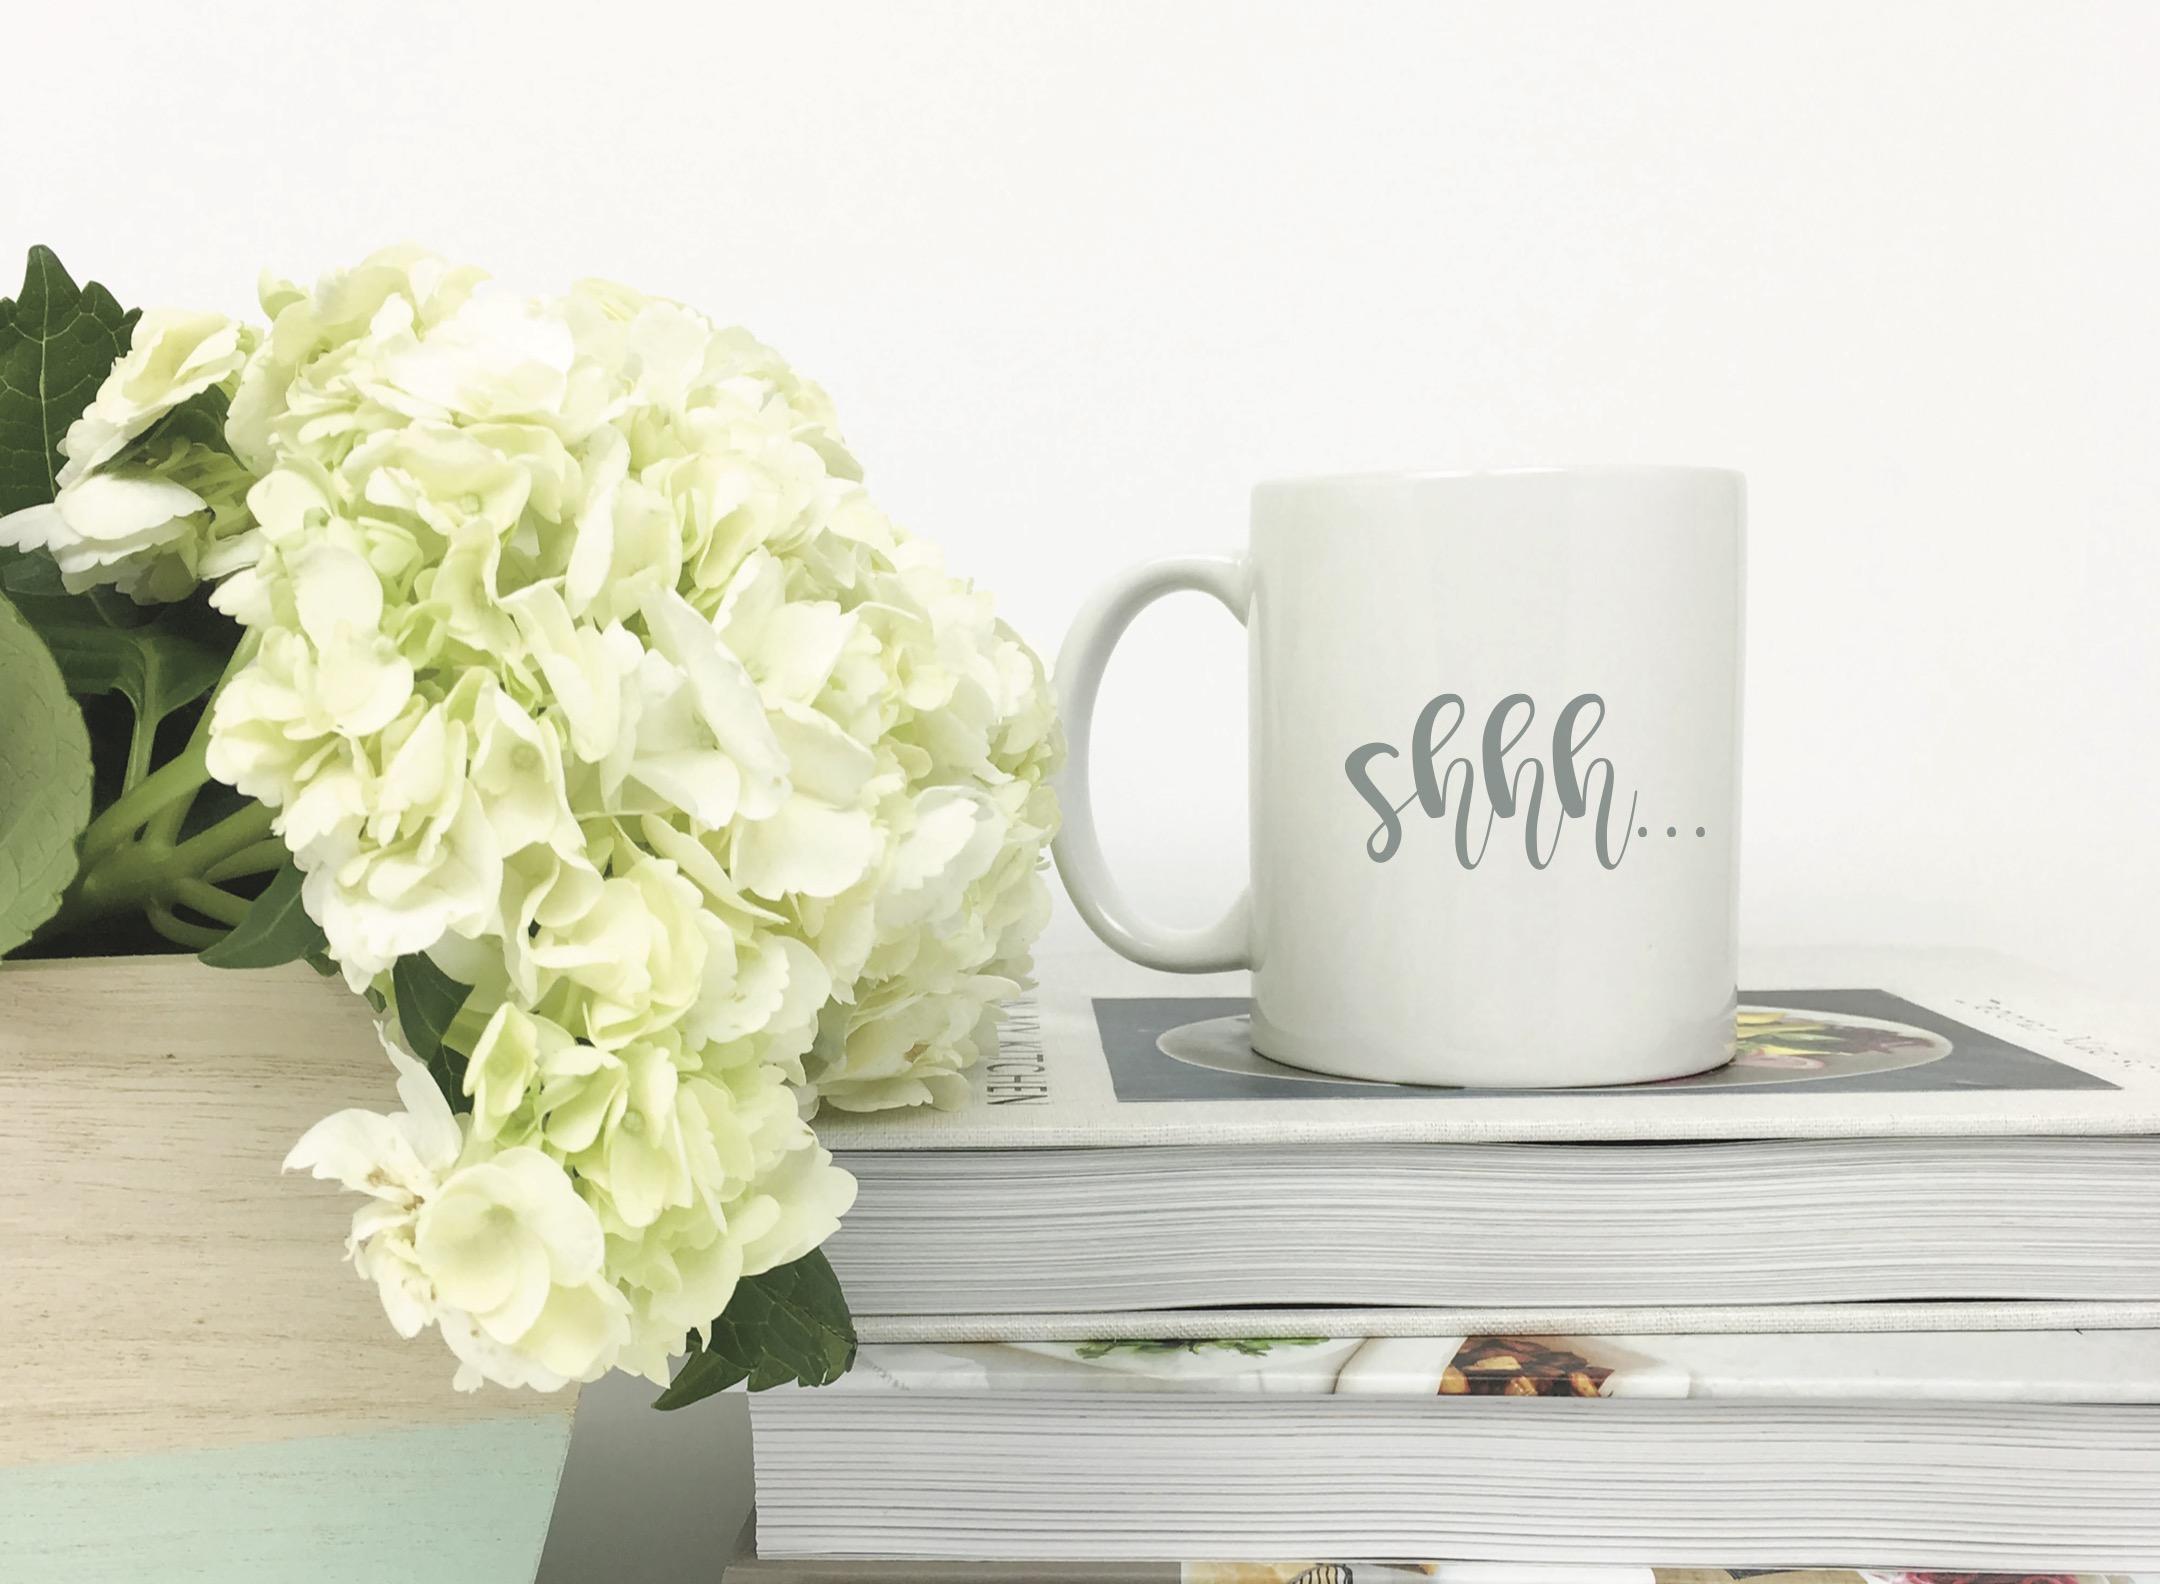 Shh Coffee Mug Books Flowers